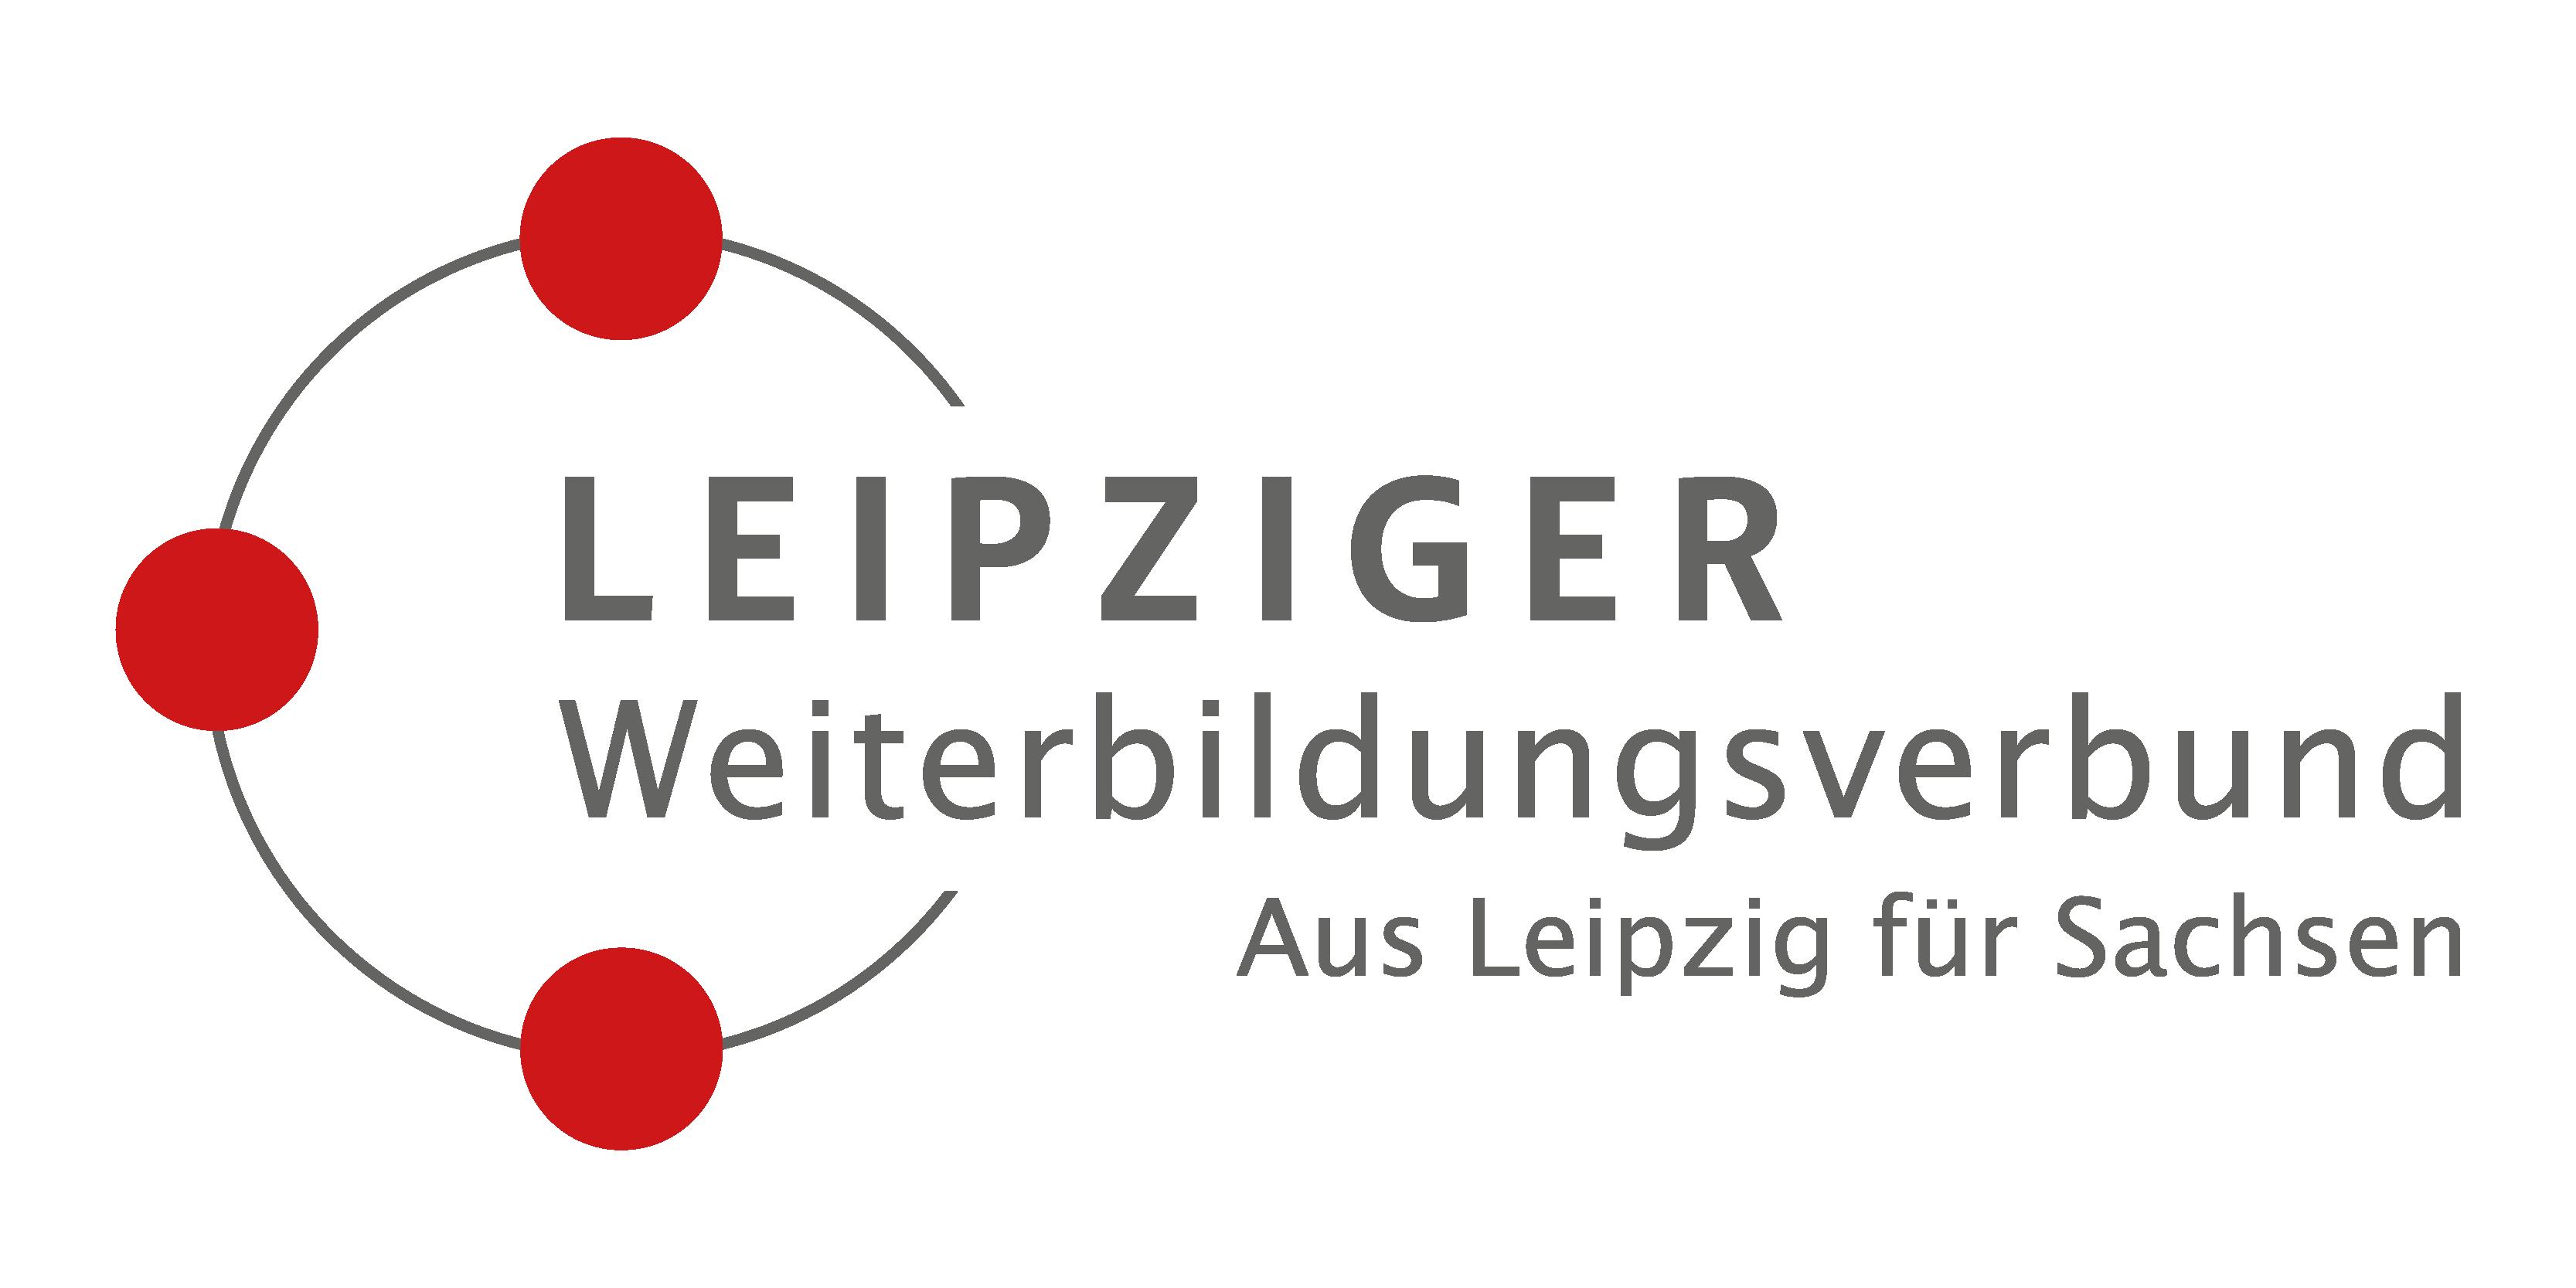 Leipziger Weiterbildungsverbund